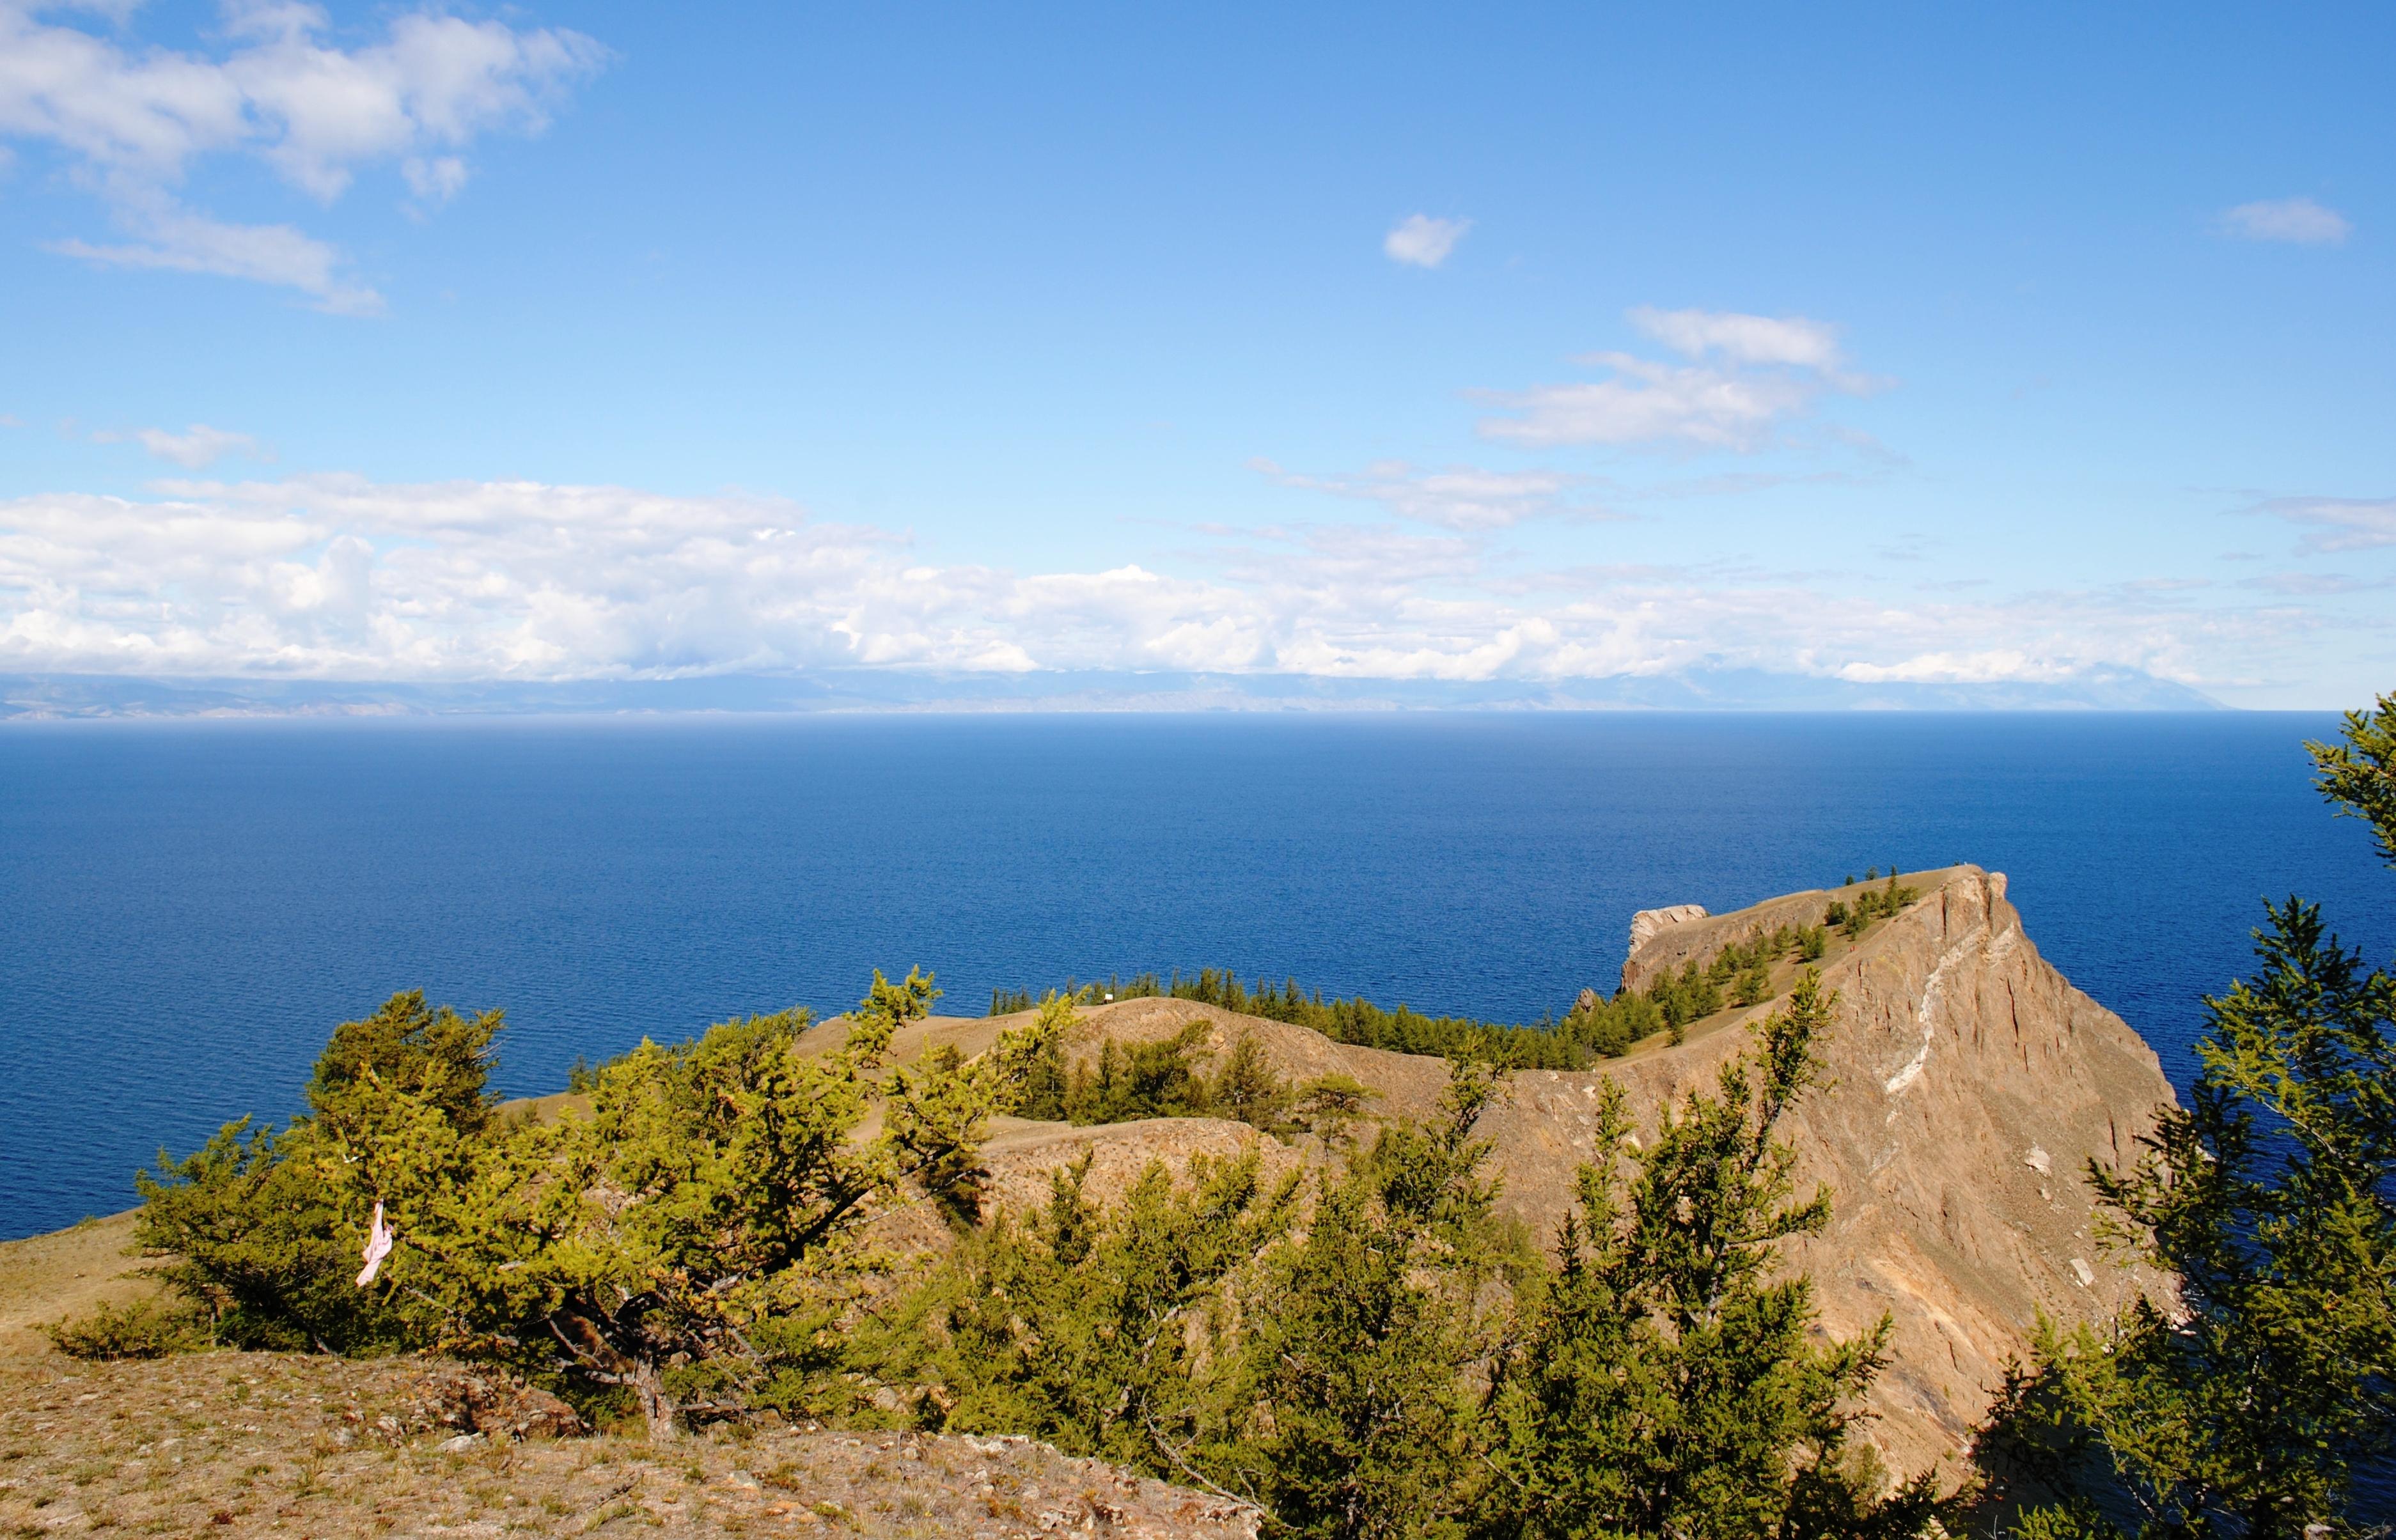 Вид с мыса Хобой на полуостров Святой Нос по ту сторону Байкала